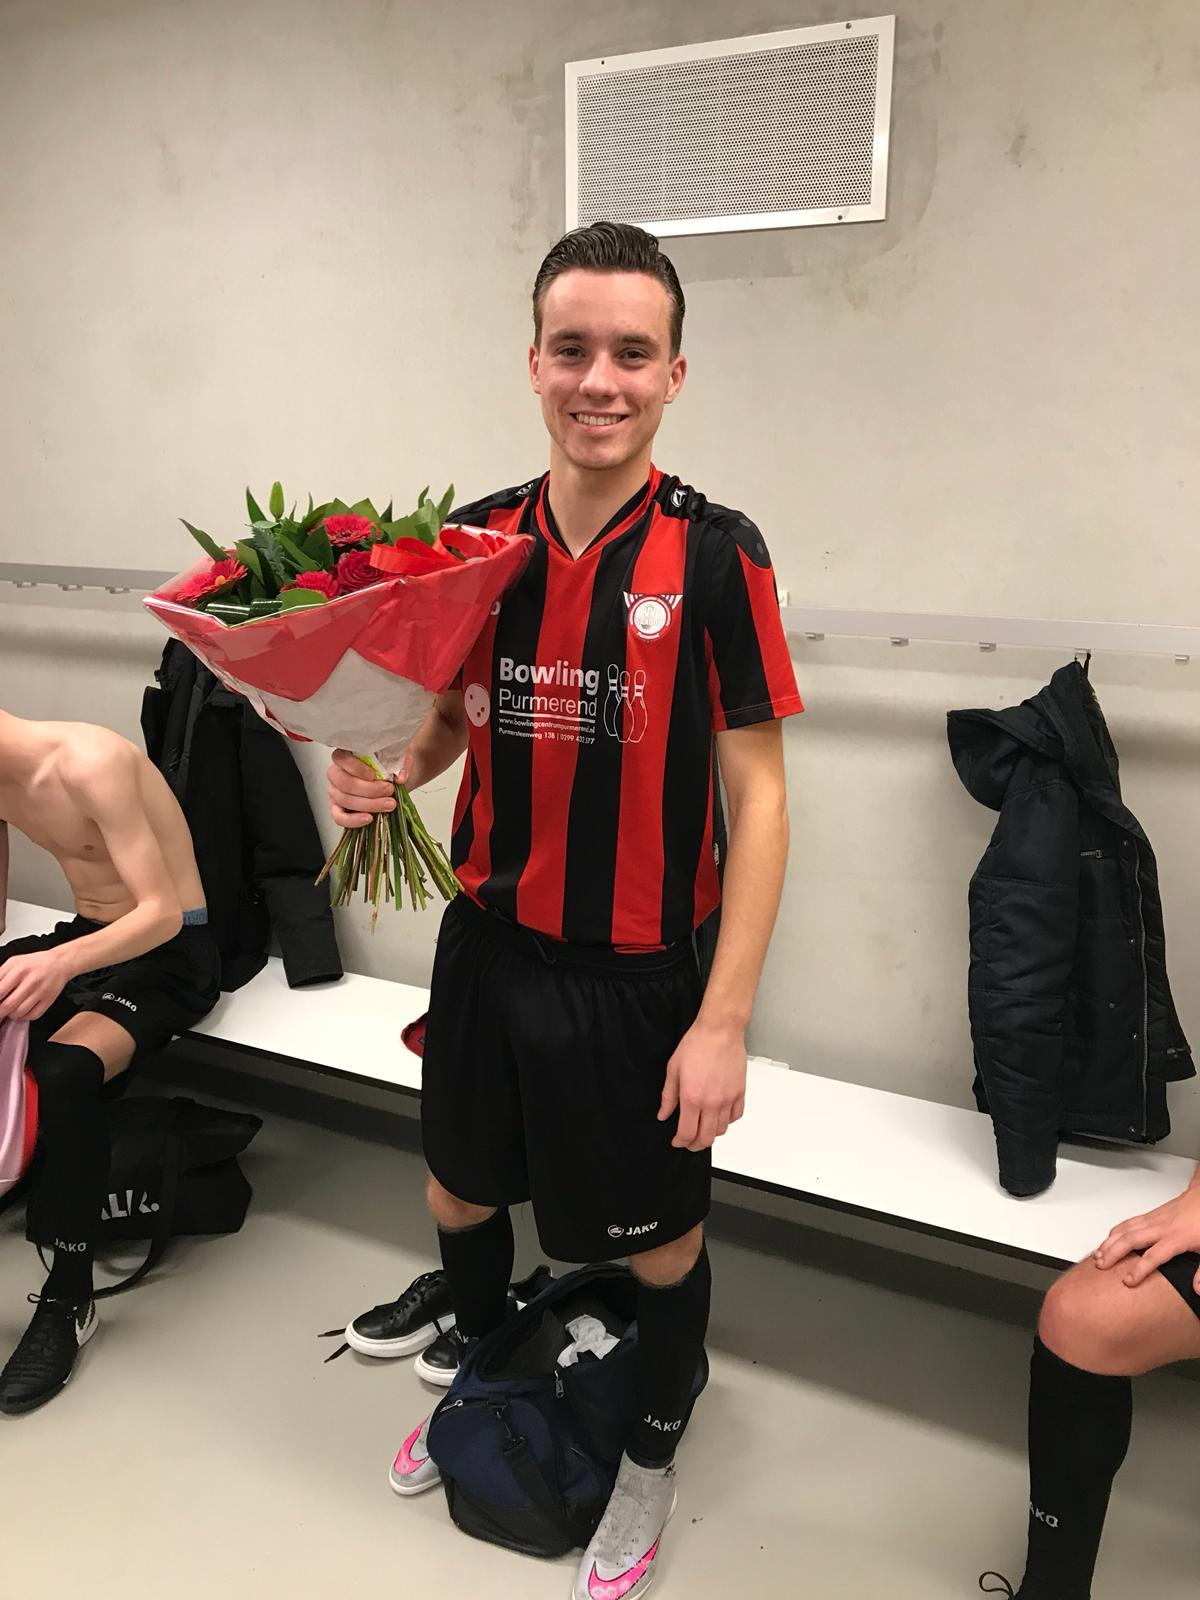 Vincenzo Schep werd uitgeroepen tot man of the match en ontving na afloop bloemen. (Foto: aangeleverd)